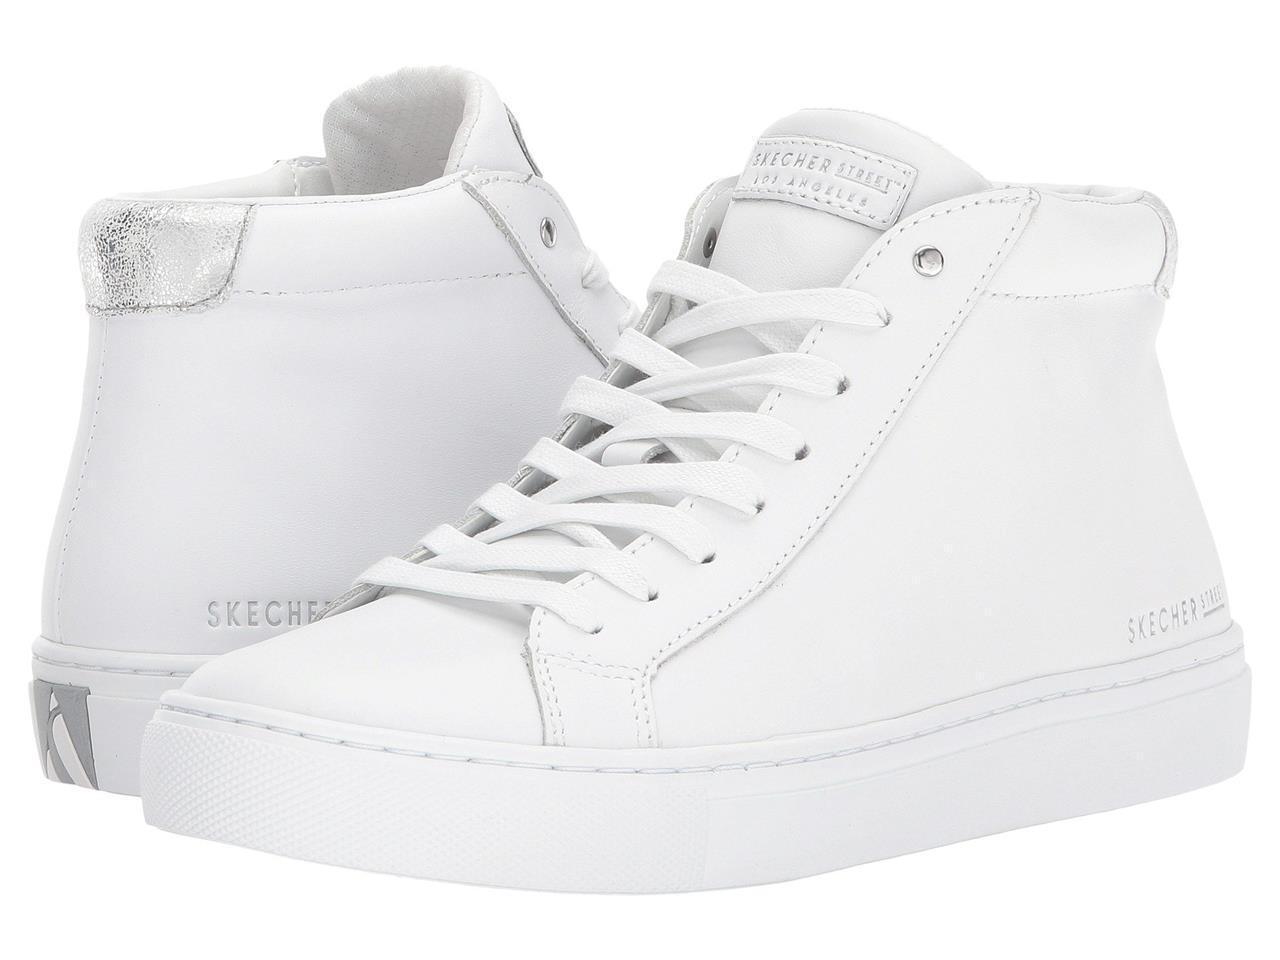 Skechers blancoo Cuero Grueso Minimalista subida de ajuste de alta Tops WMS Disco nuevo con etiquetas